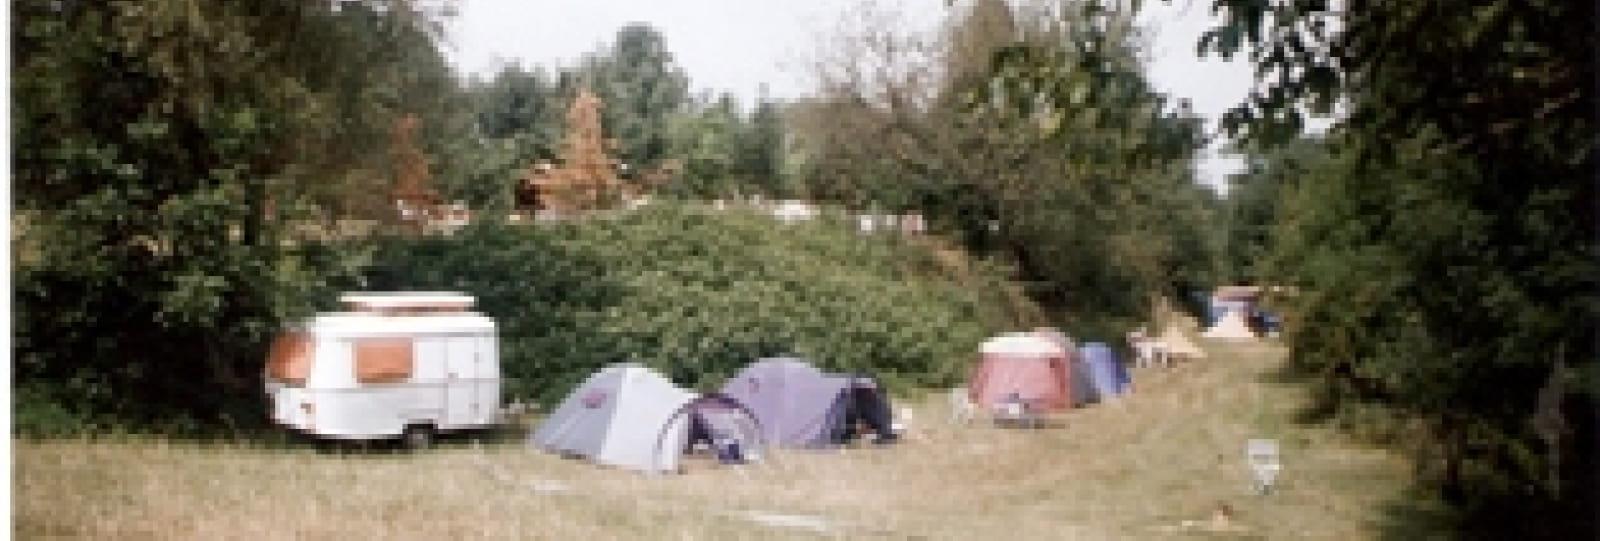 Camping à la Ferme la Chenaie